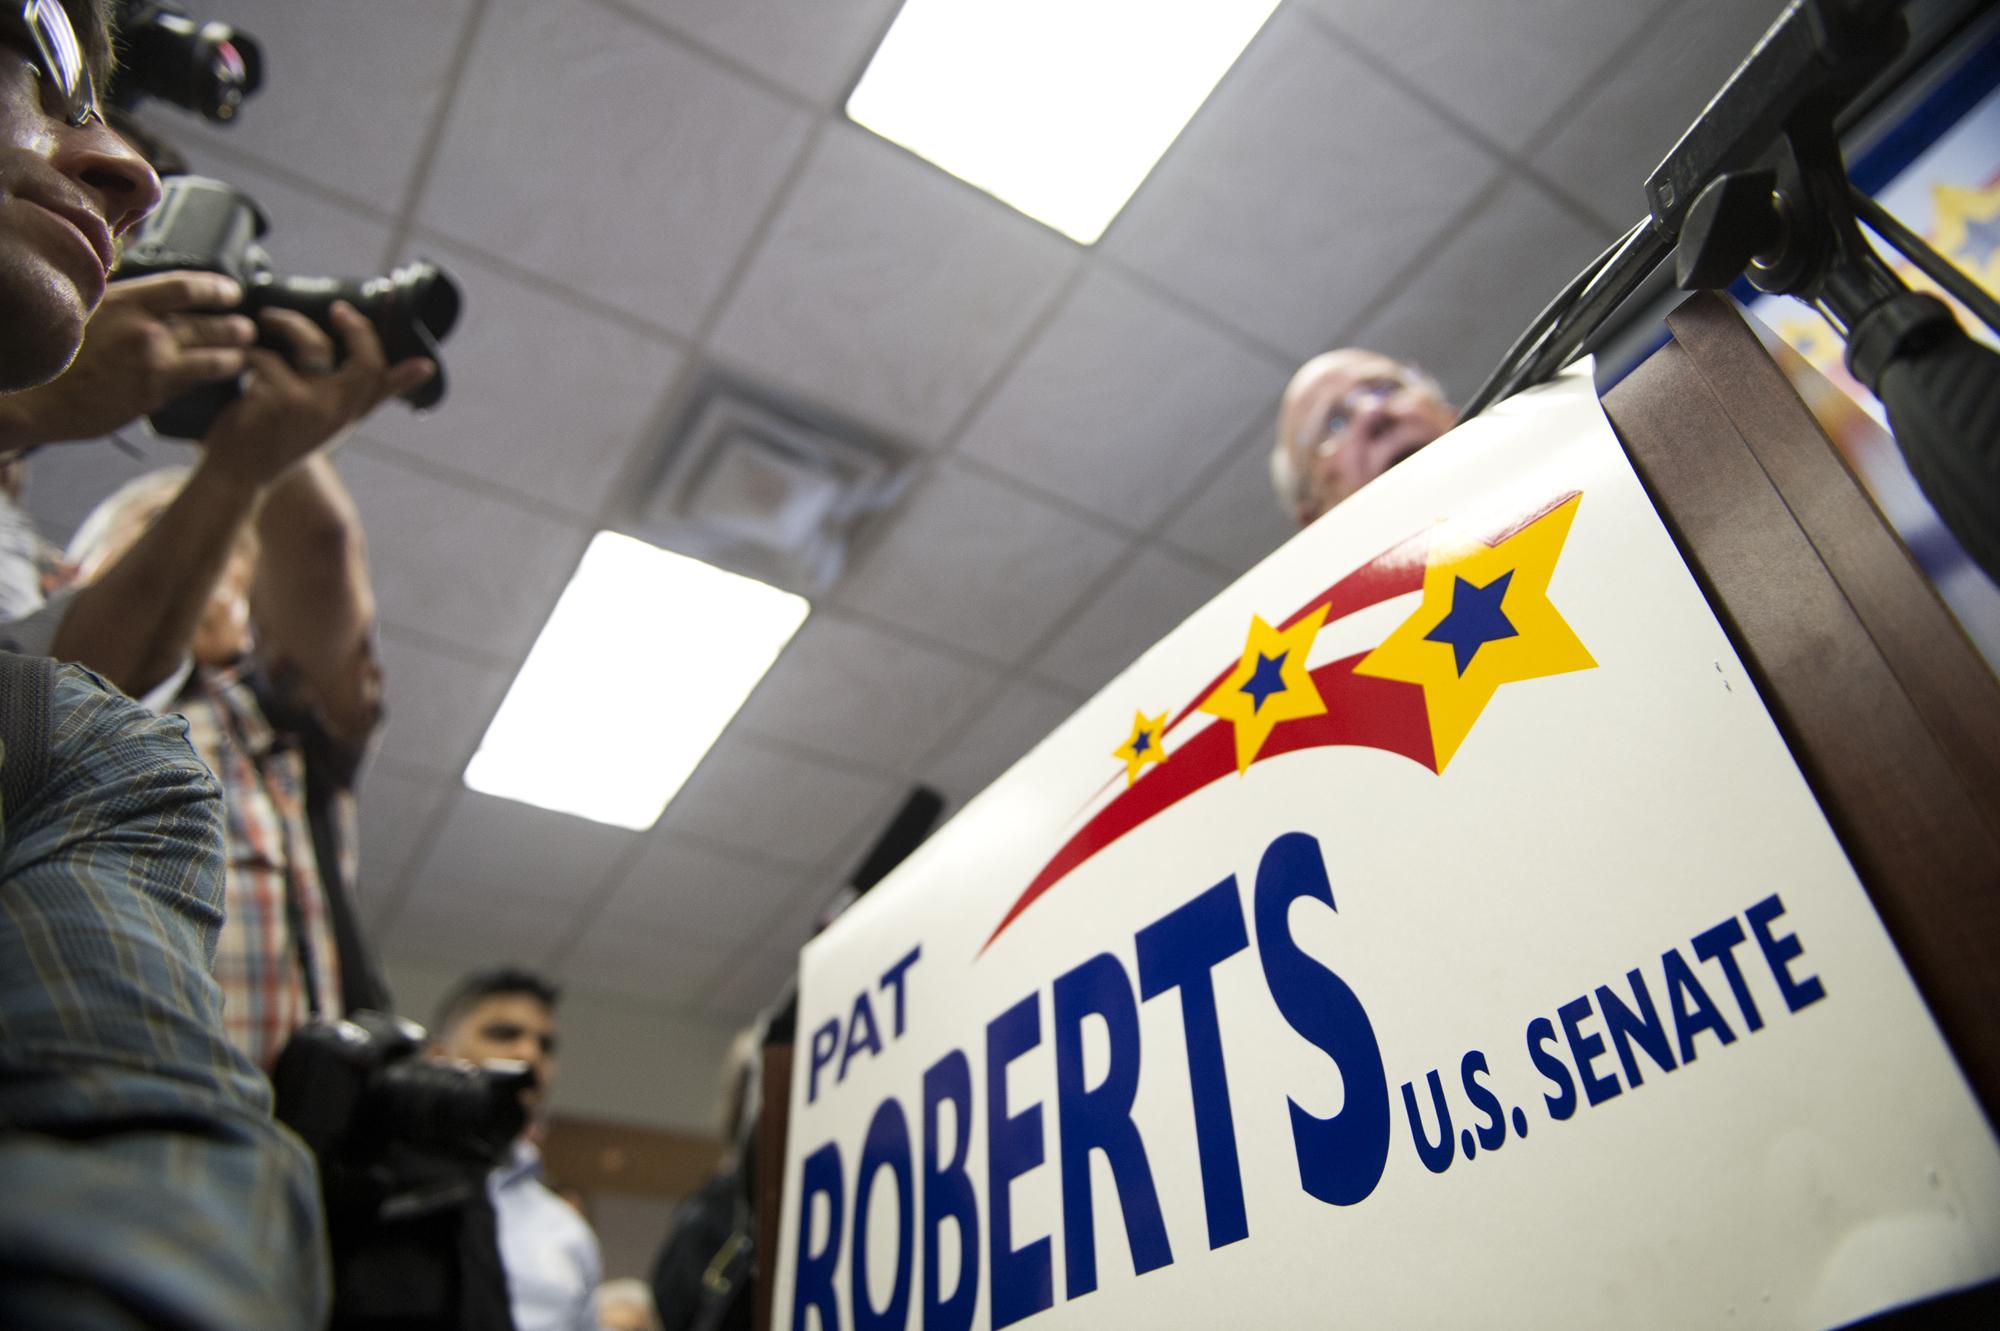 Pat Roberts Senate